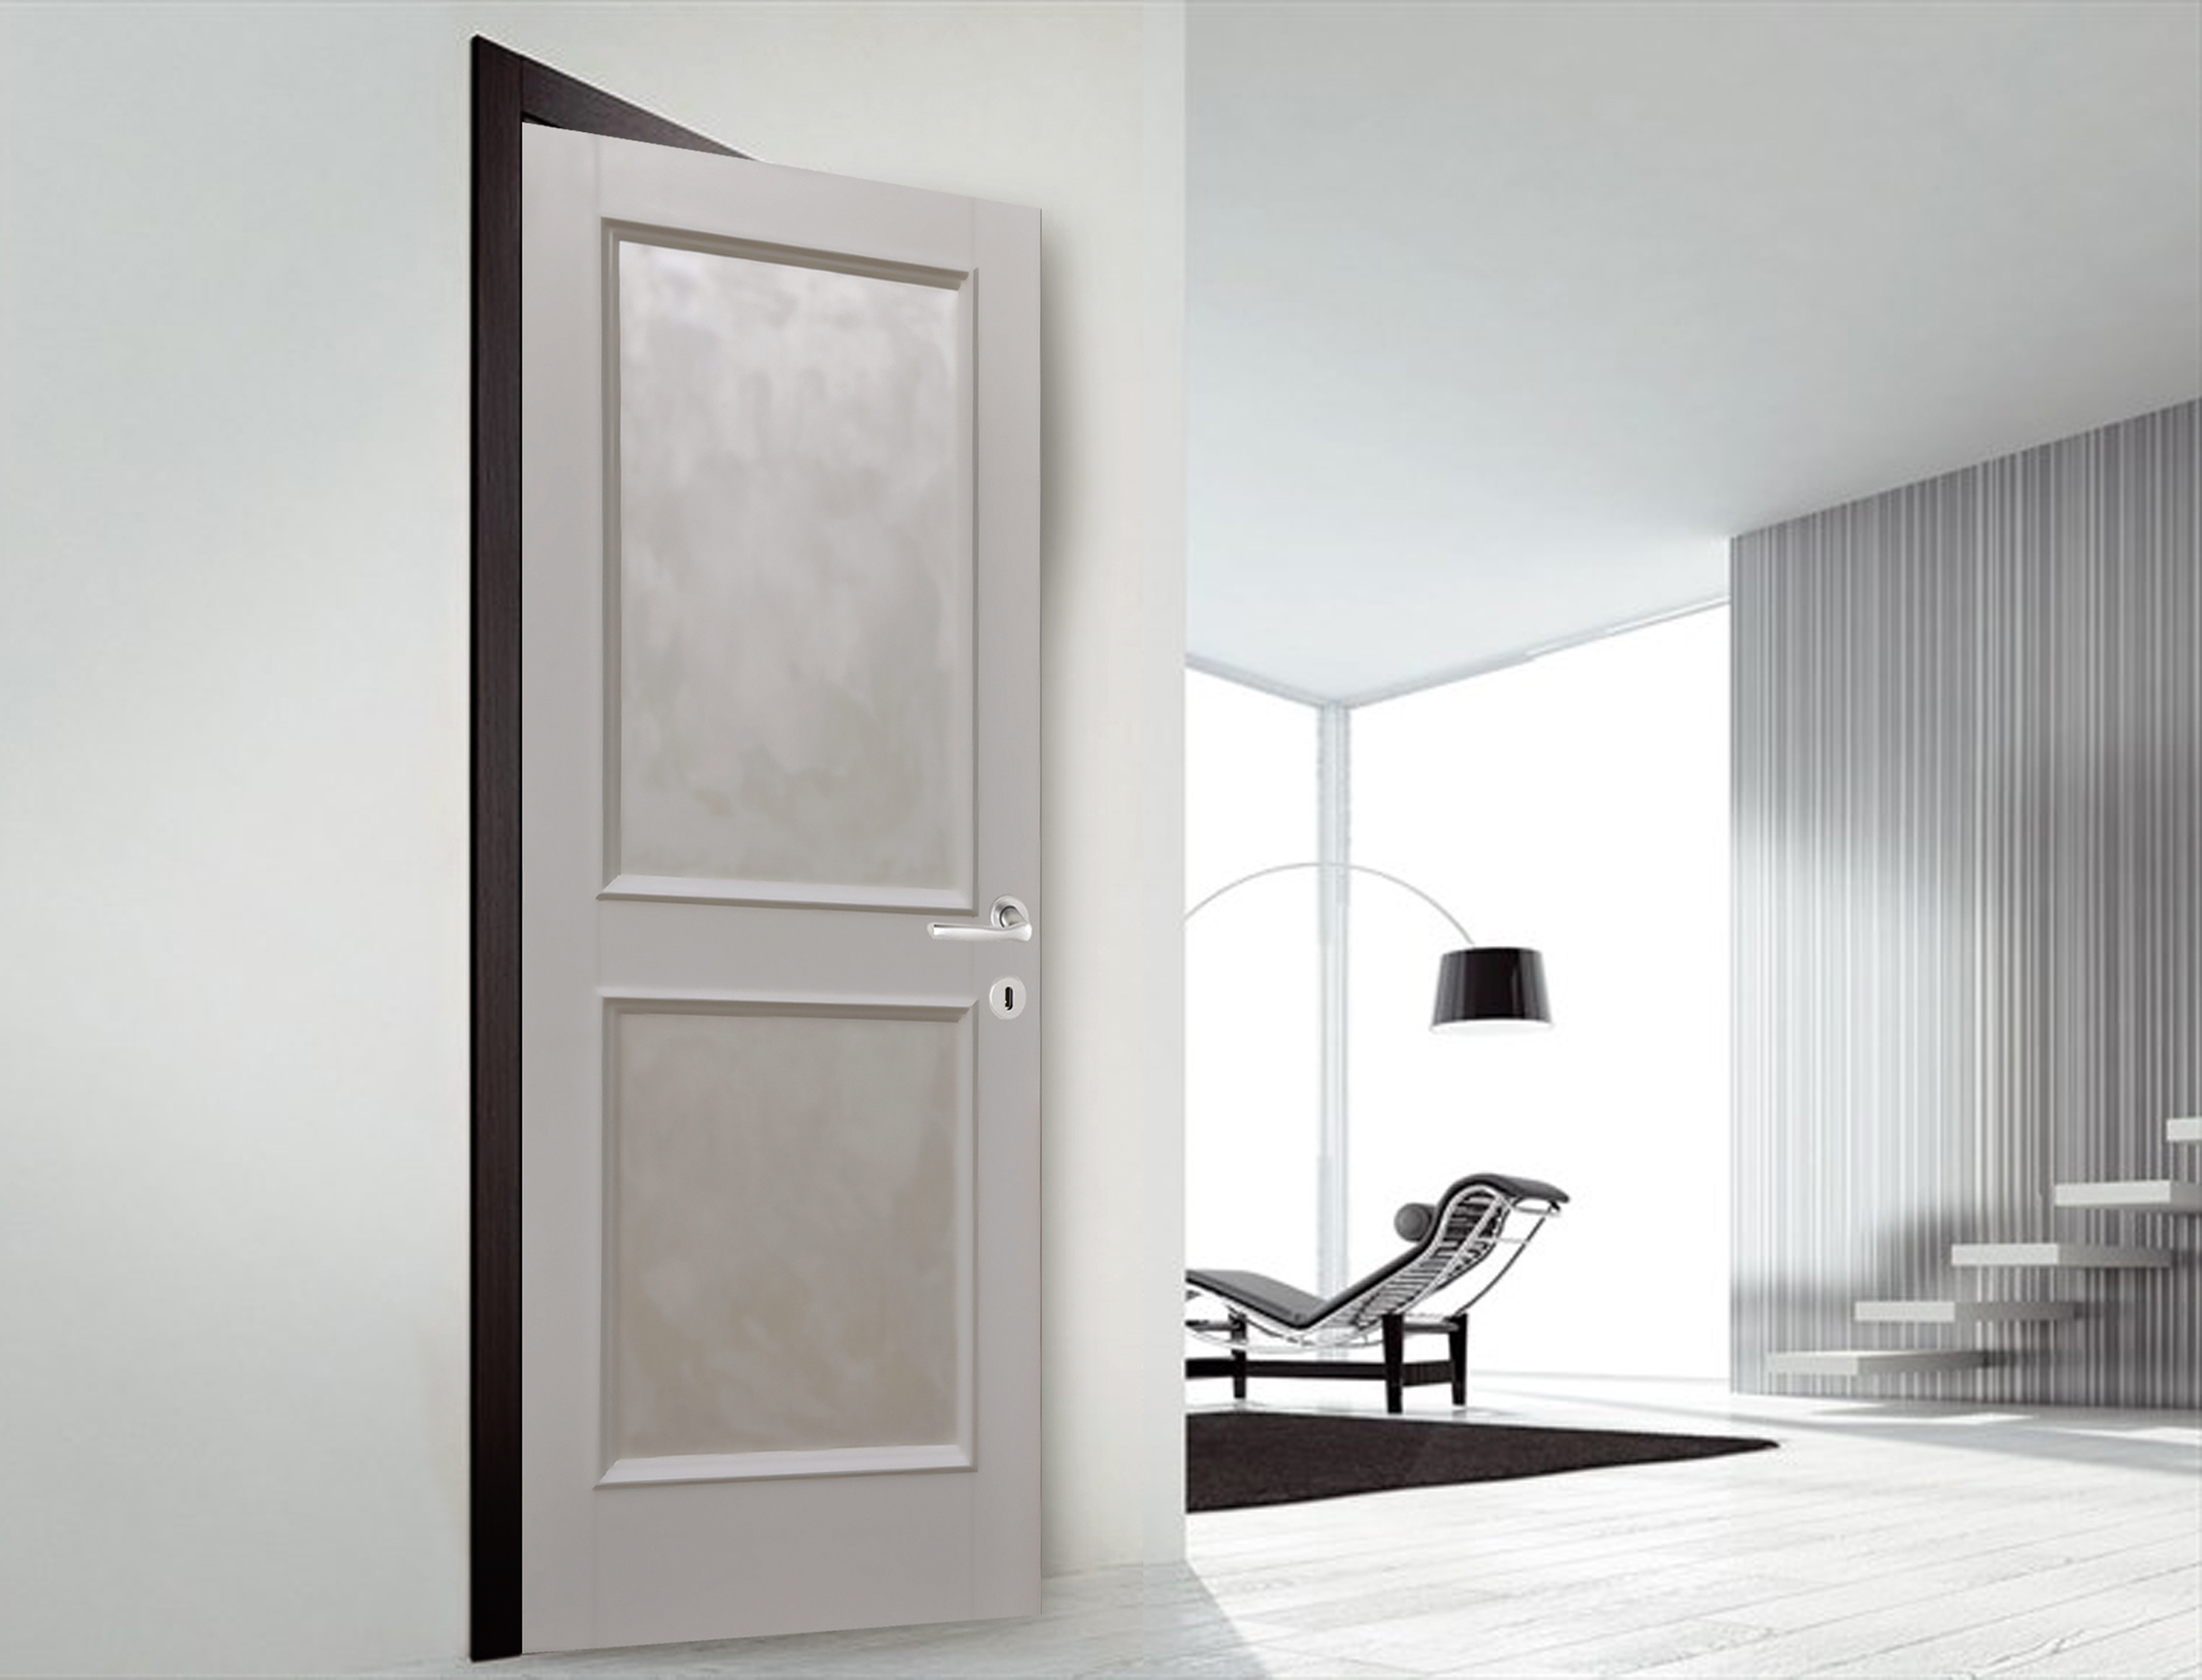 Porte da interno nuova lallp srl for Interni srl